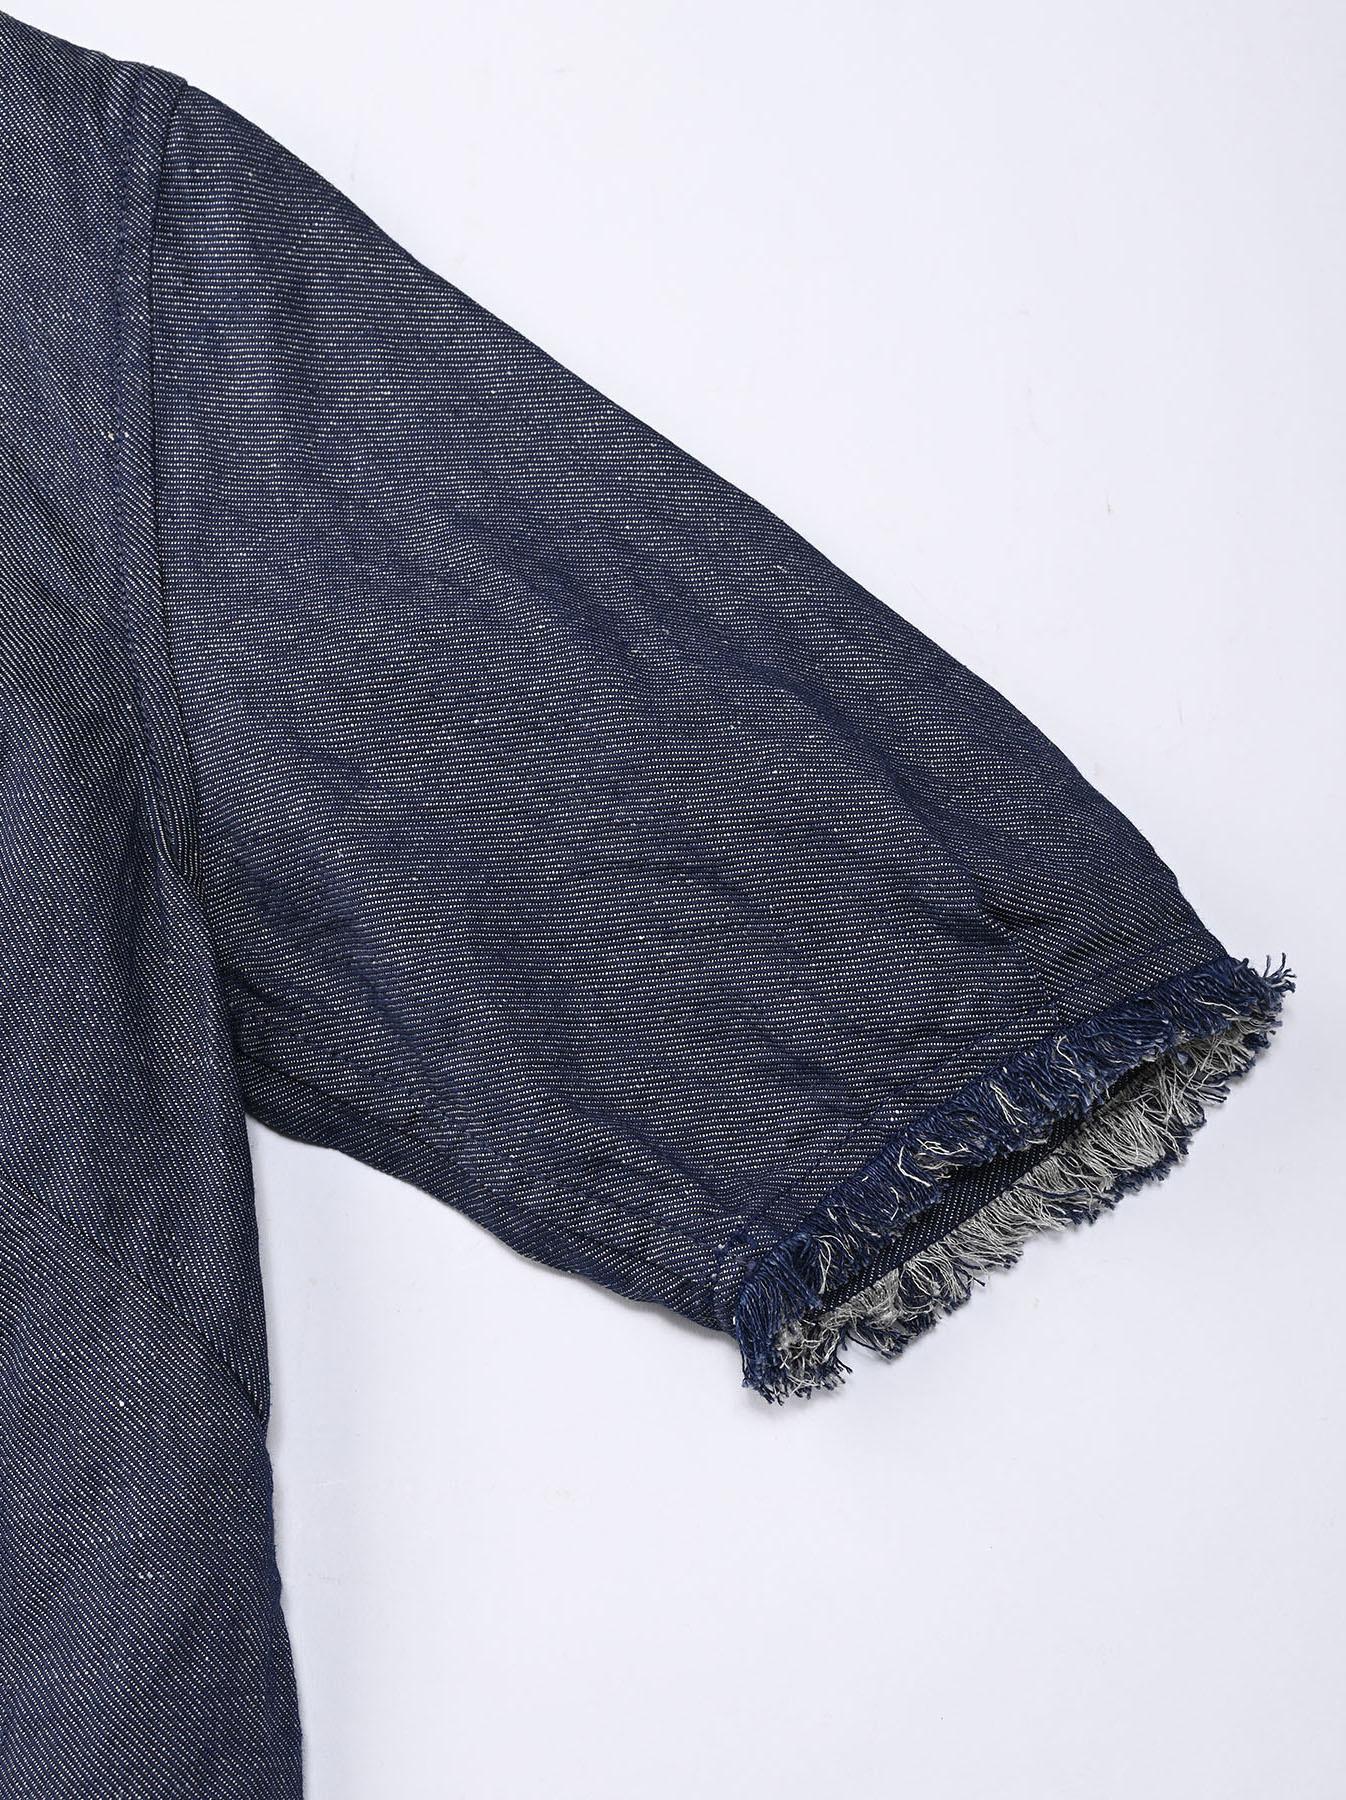 Indigo Cotton Linen Zakkuri Denim Blouse (0521)-11